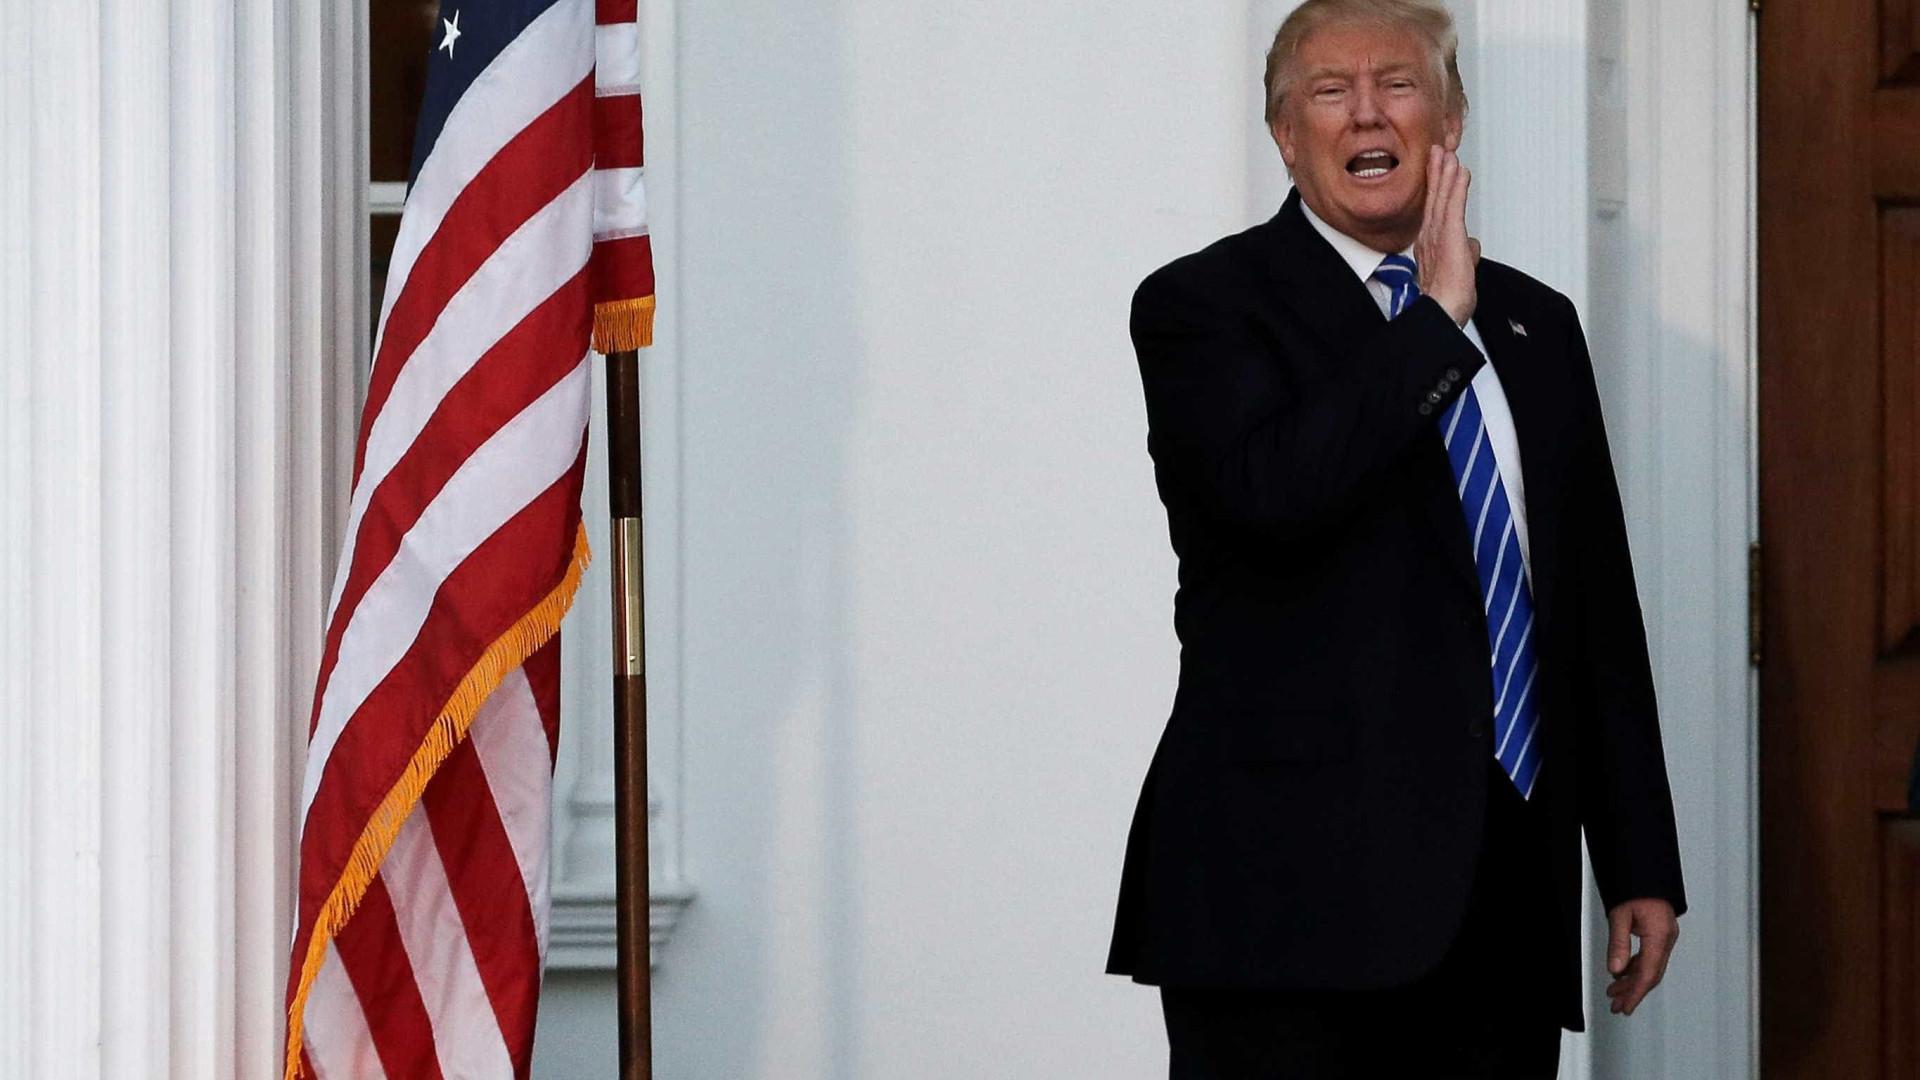 Donald Trump é o líder mundial mais seguido no Twitter, diz estudo